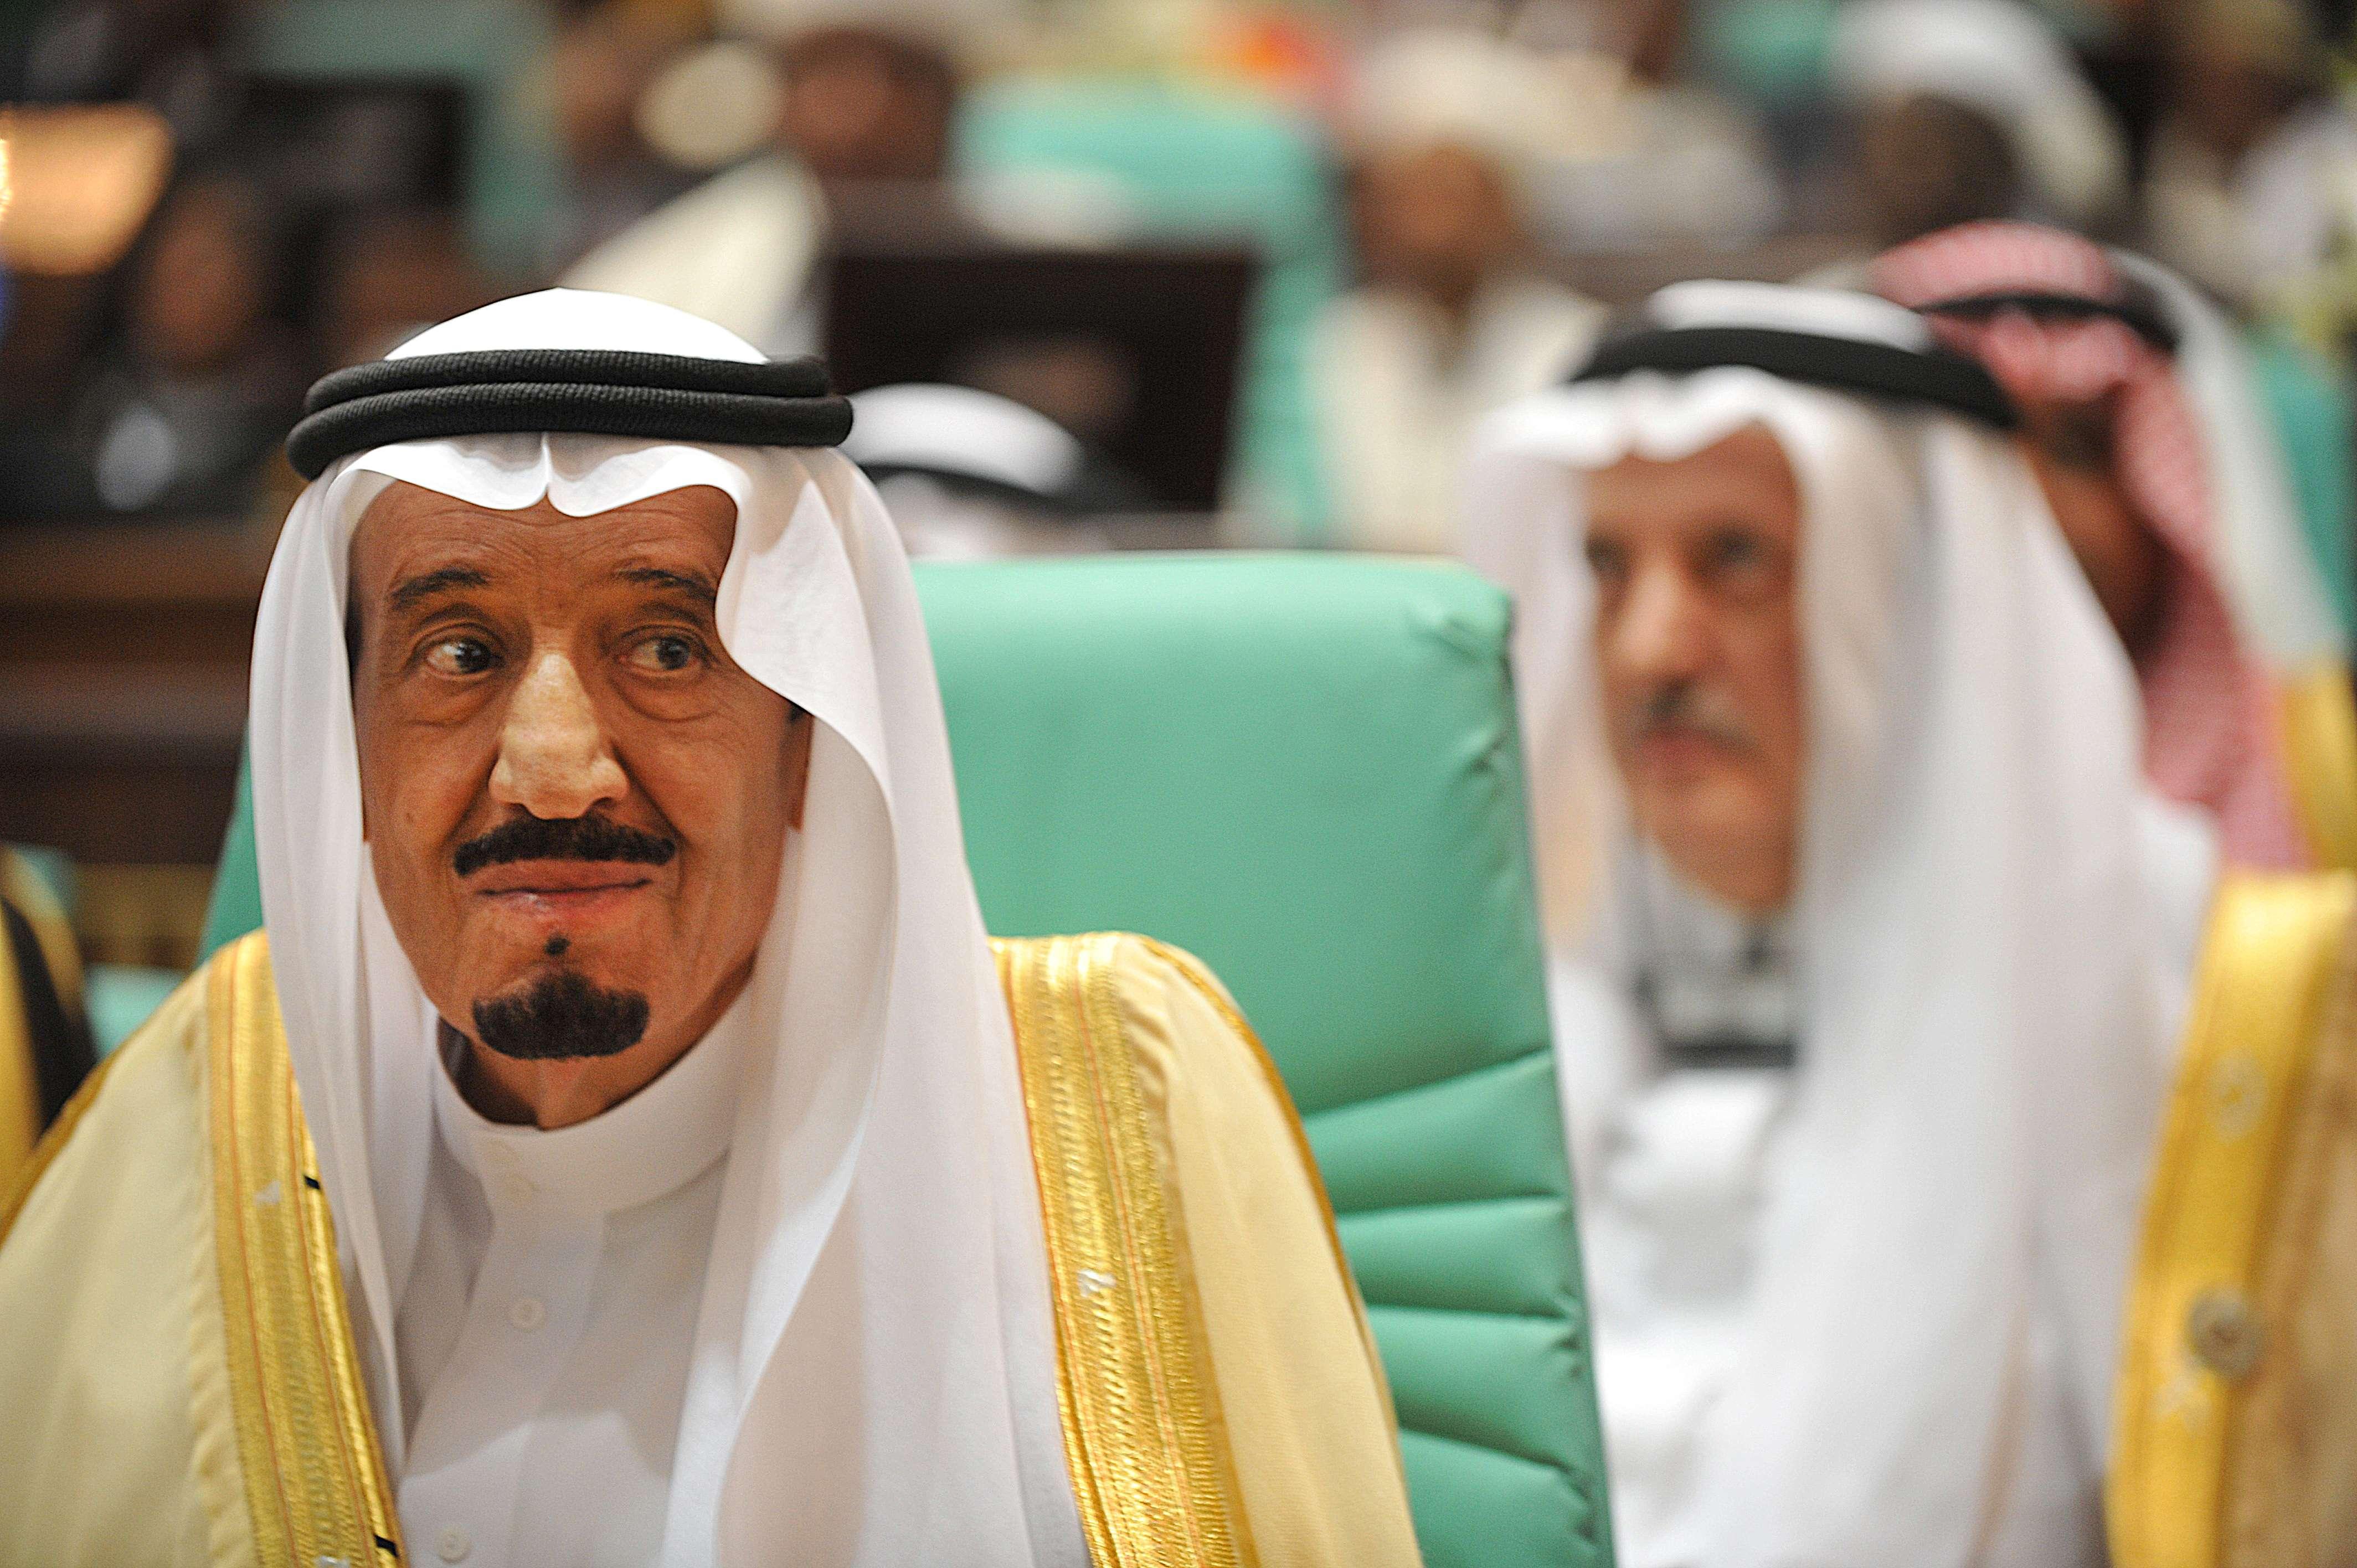 Saudi Arabian King Abdullah dies aged 90